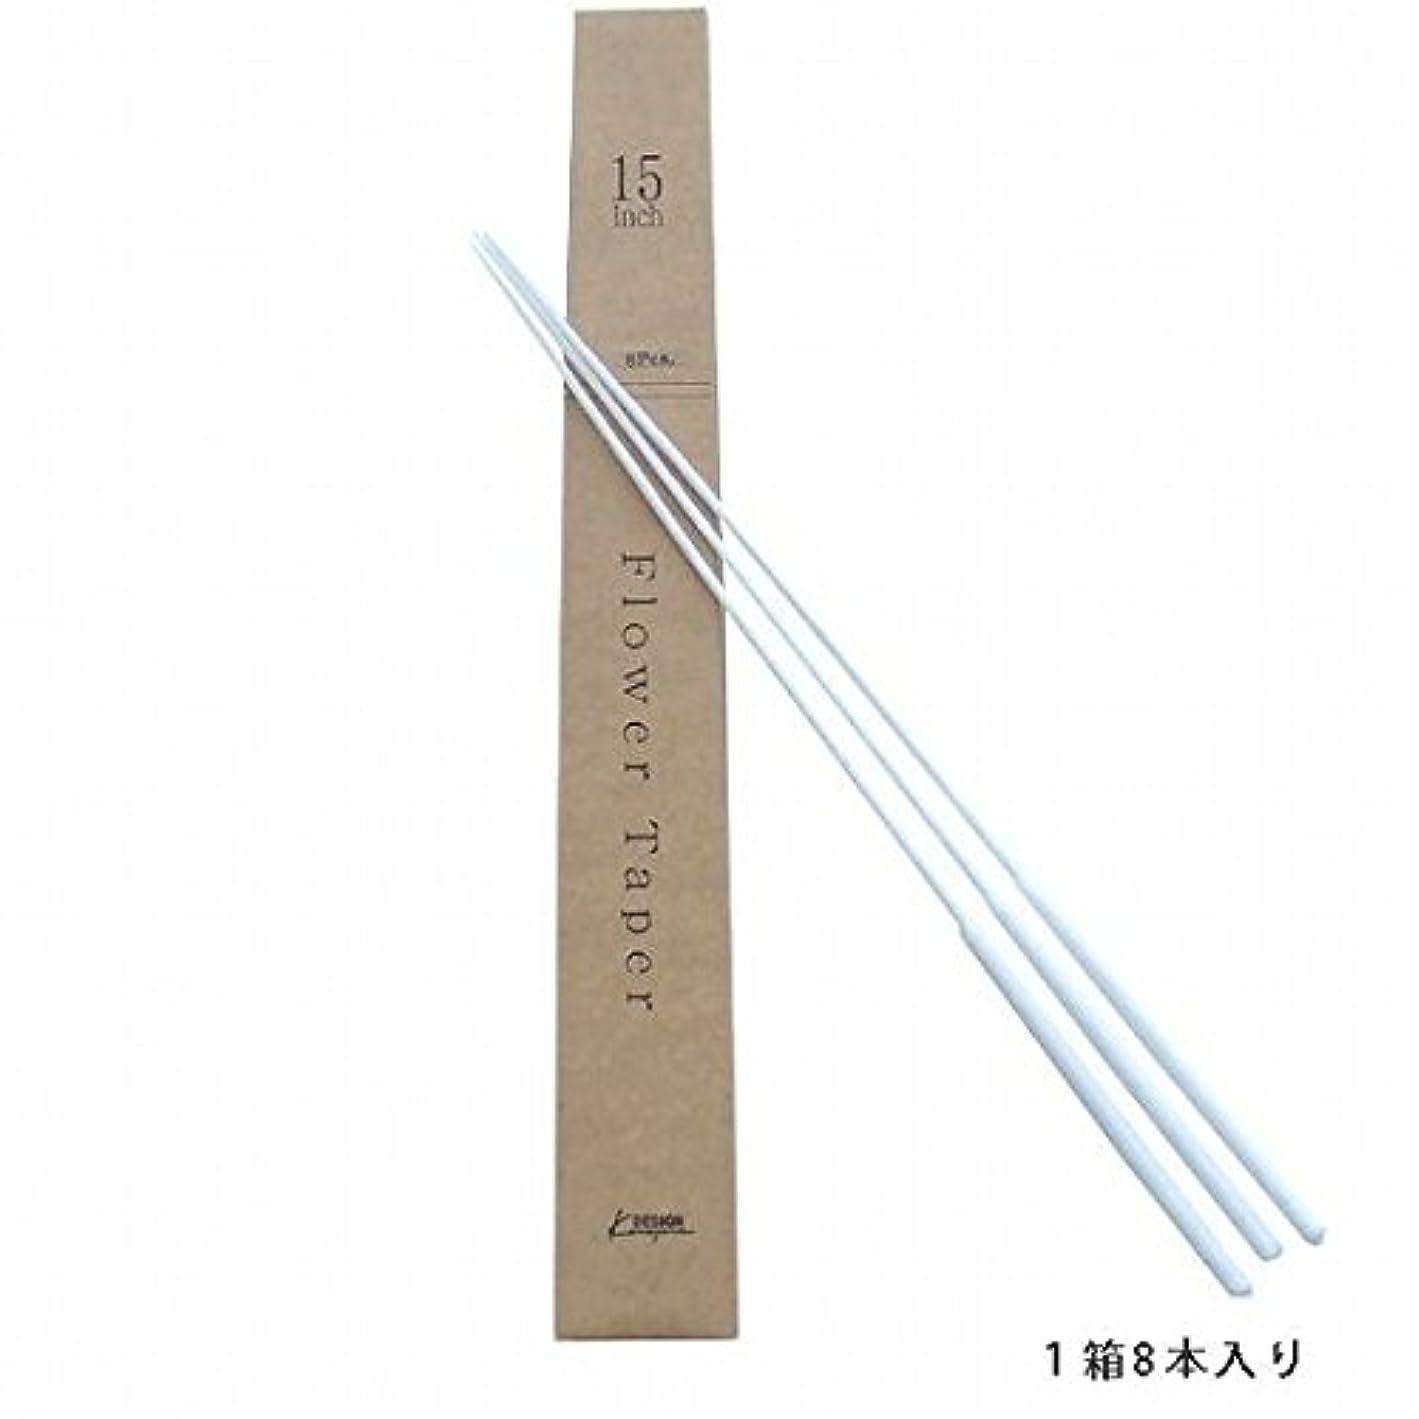 バース繰り返し速度kameyama candle(カメヤマキャンドル) 15インチトーチ用フラワーテーパー 8本入 「 ホワイト 」(71839998W)